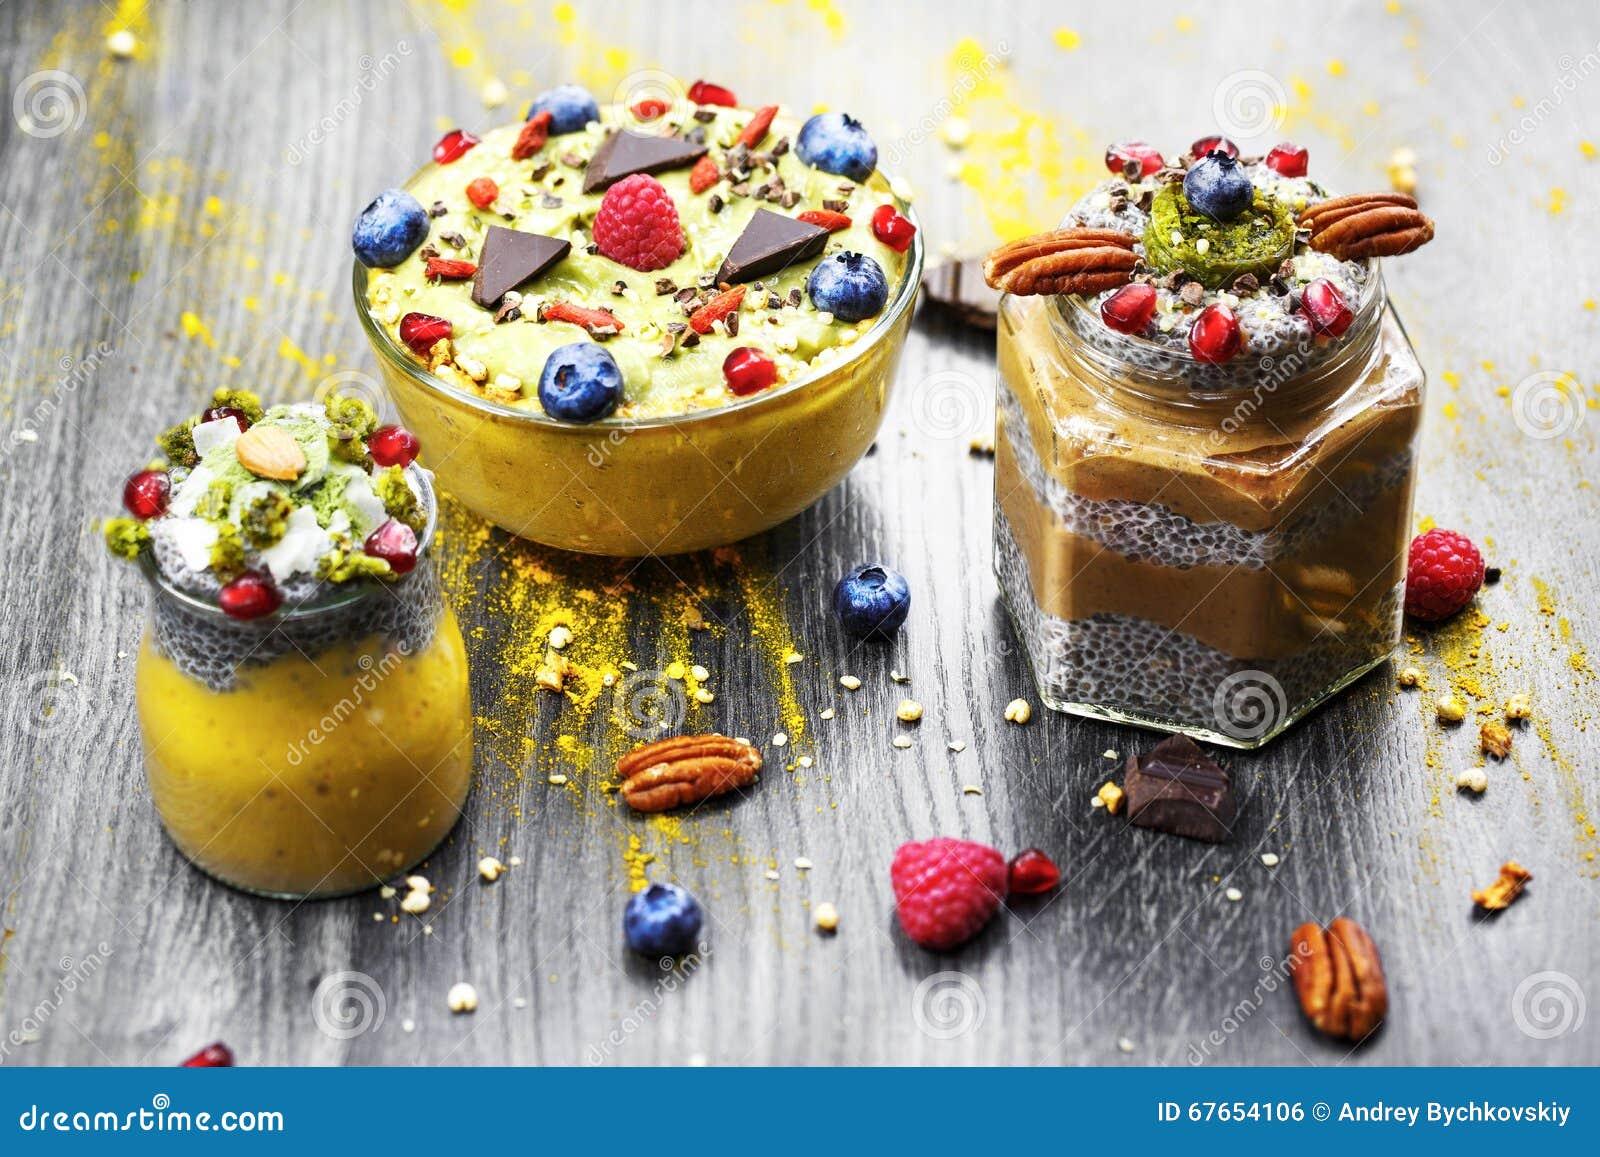 Chia-Mangoparfait Schokolade chia Parfait Bananenmango Smoothie